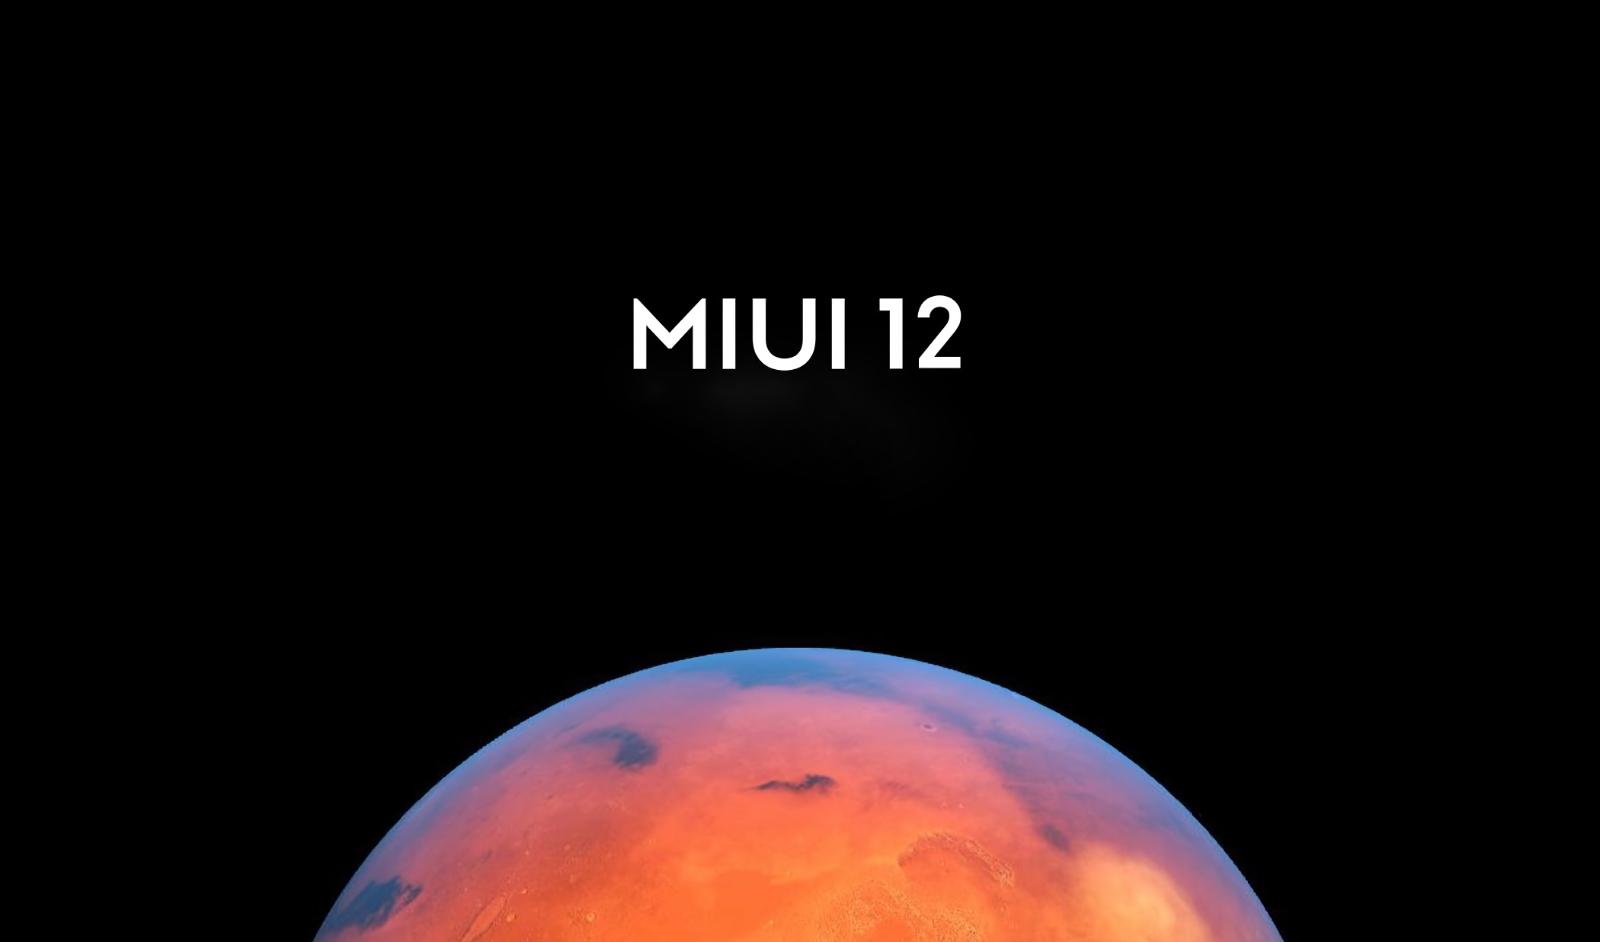 Xiaomi передумала: бюджетные смартфоны Redmi Y3, Redmi 7, Redmi 6 и Redmi 6A не получат MIUI 12